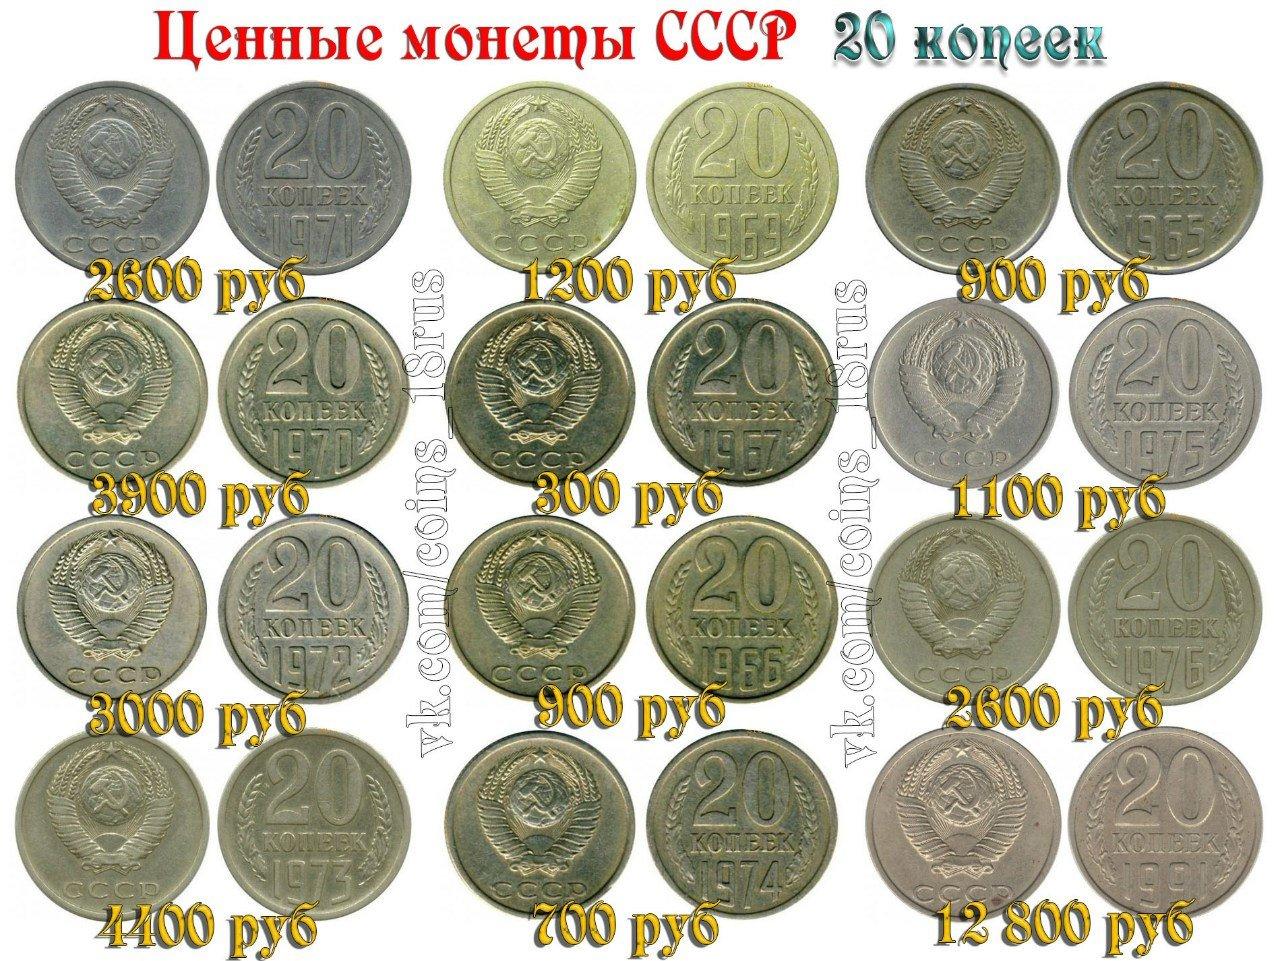 Самые дорогие монеты СССР « Нумизматика, монеты